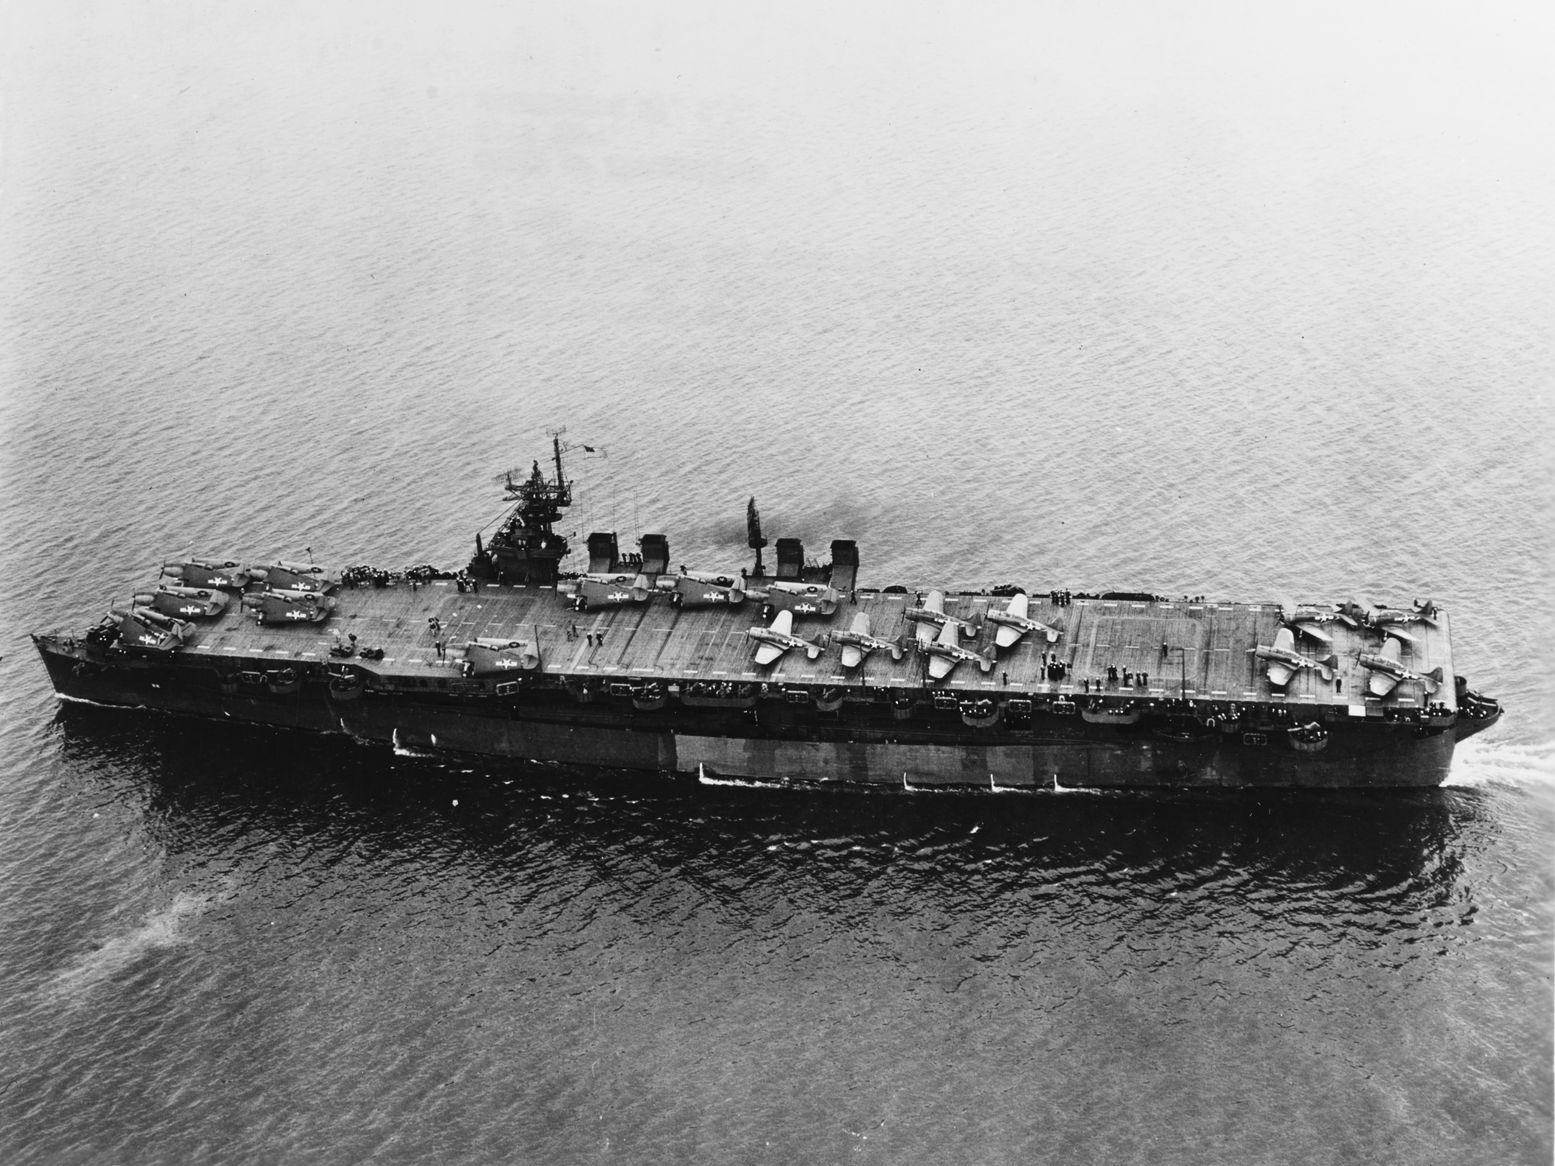 How the U.S. Navy Transformed a Battleship into an Aircraft Carrier